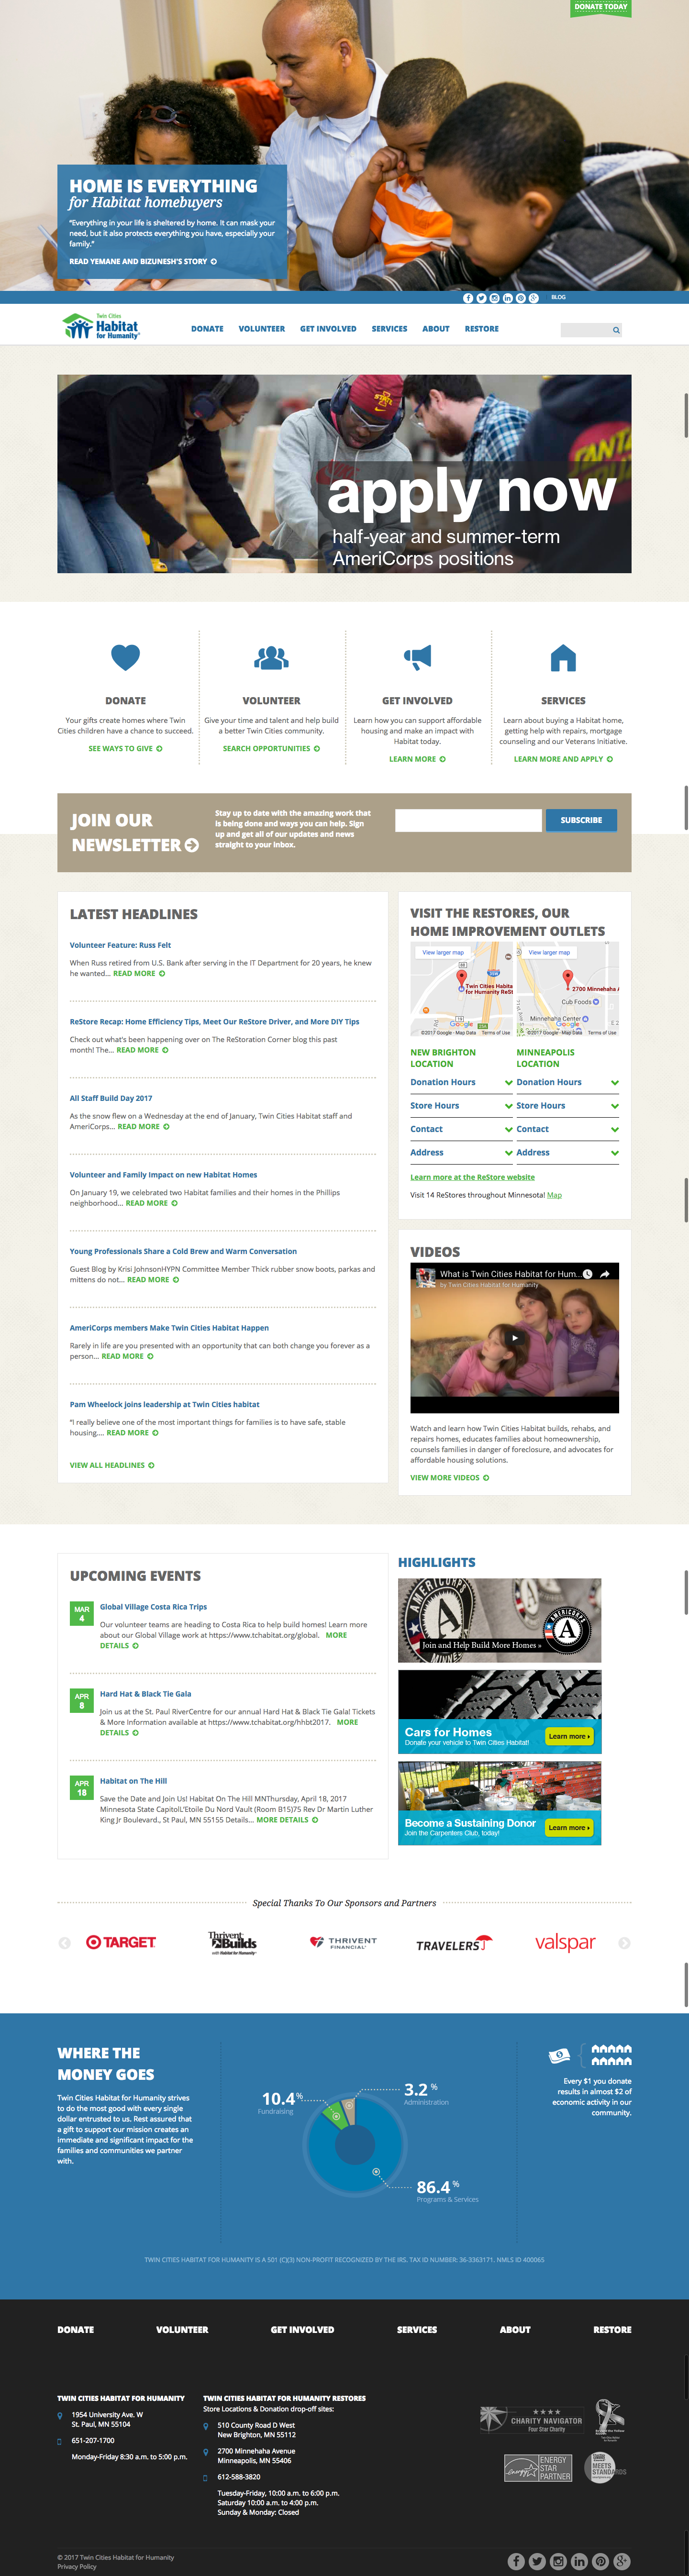 Twin-Cities-Habitat-for-Humanities-Desktop.png